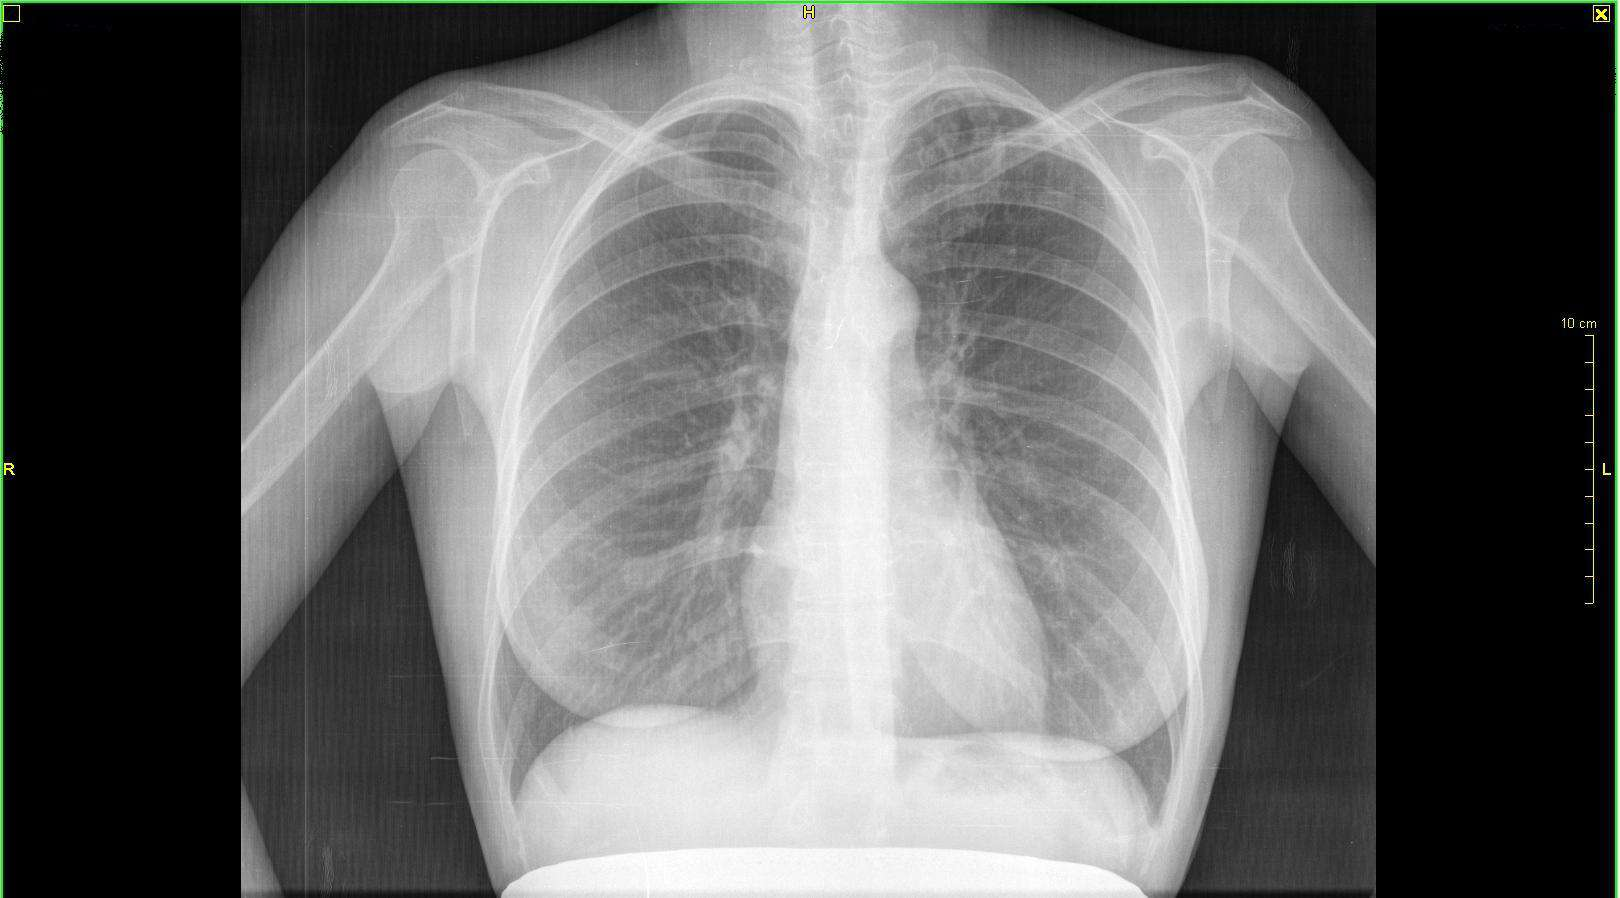 Здоровые лёгкие на рентгене | wine & water